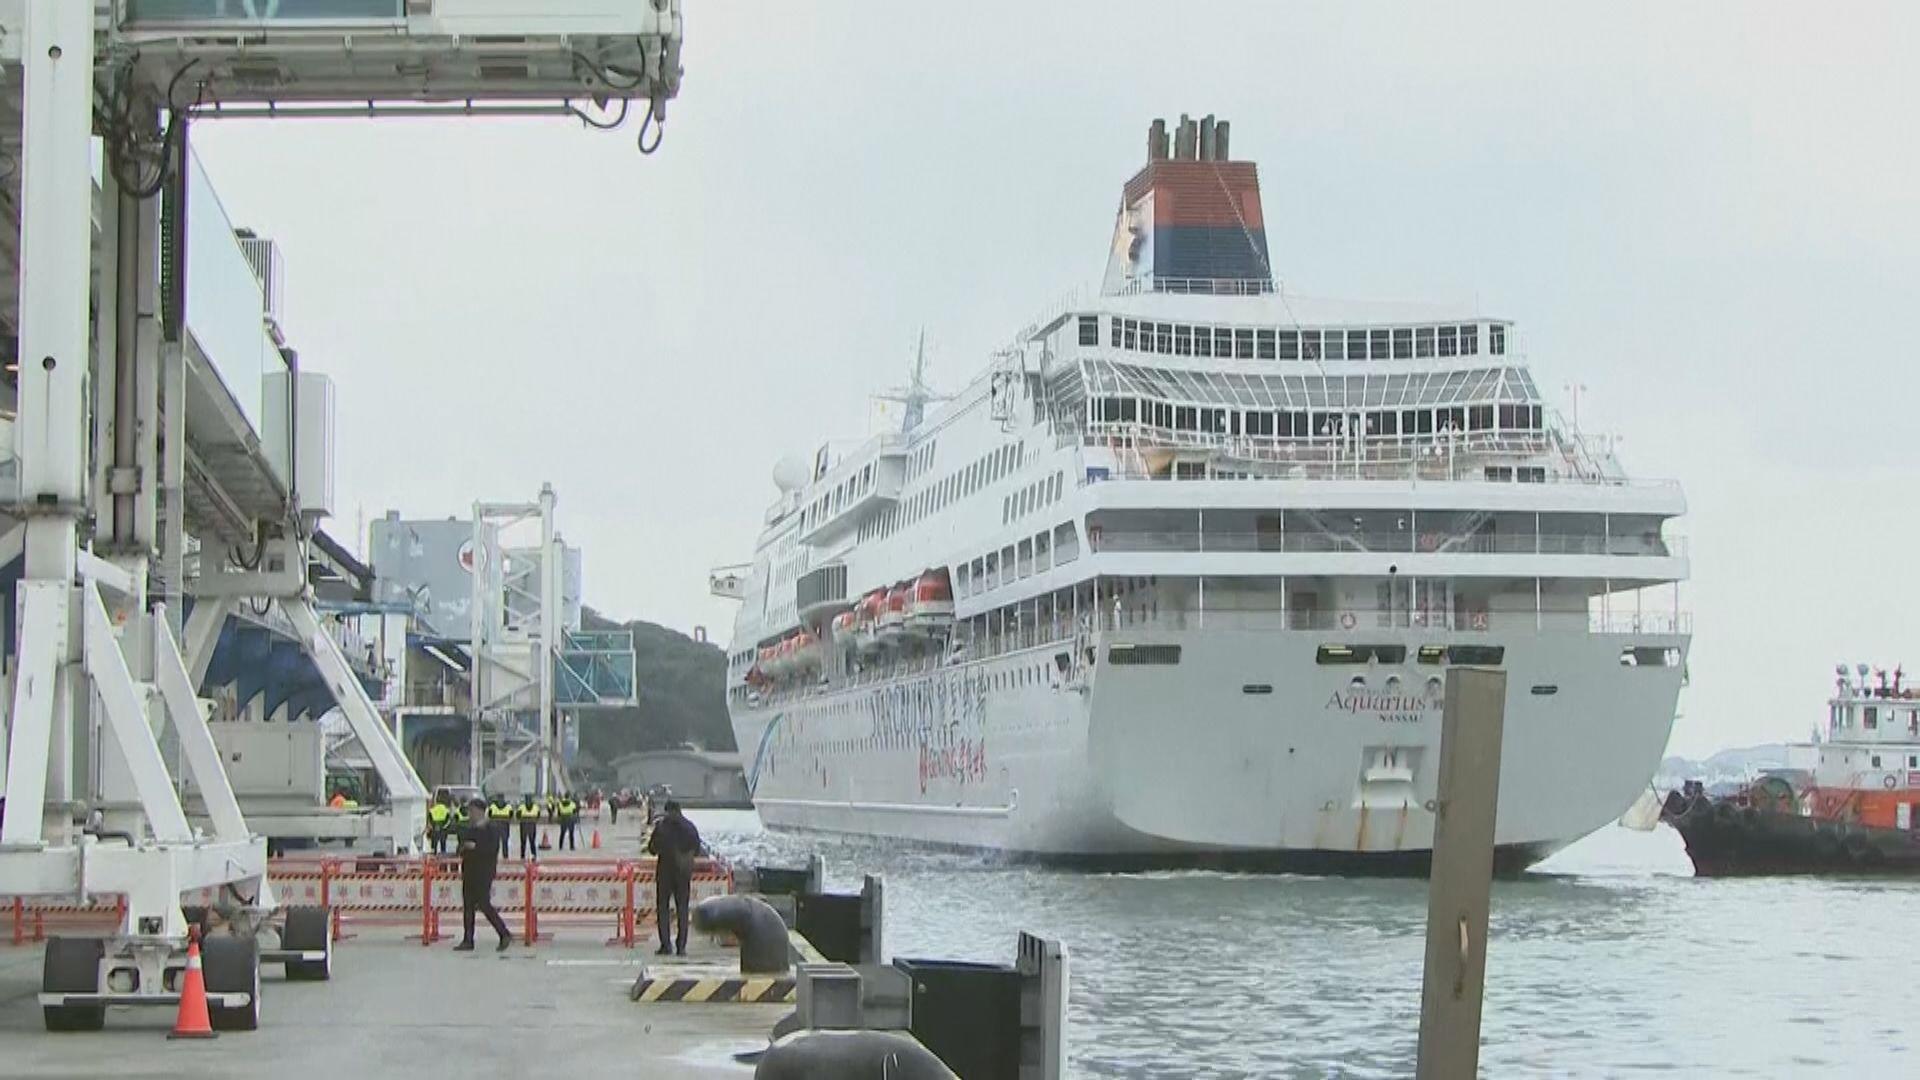 寶瓶星號衛生人員上船檢疫 初步檢查全船無人發燒